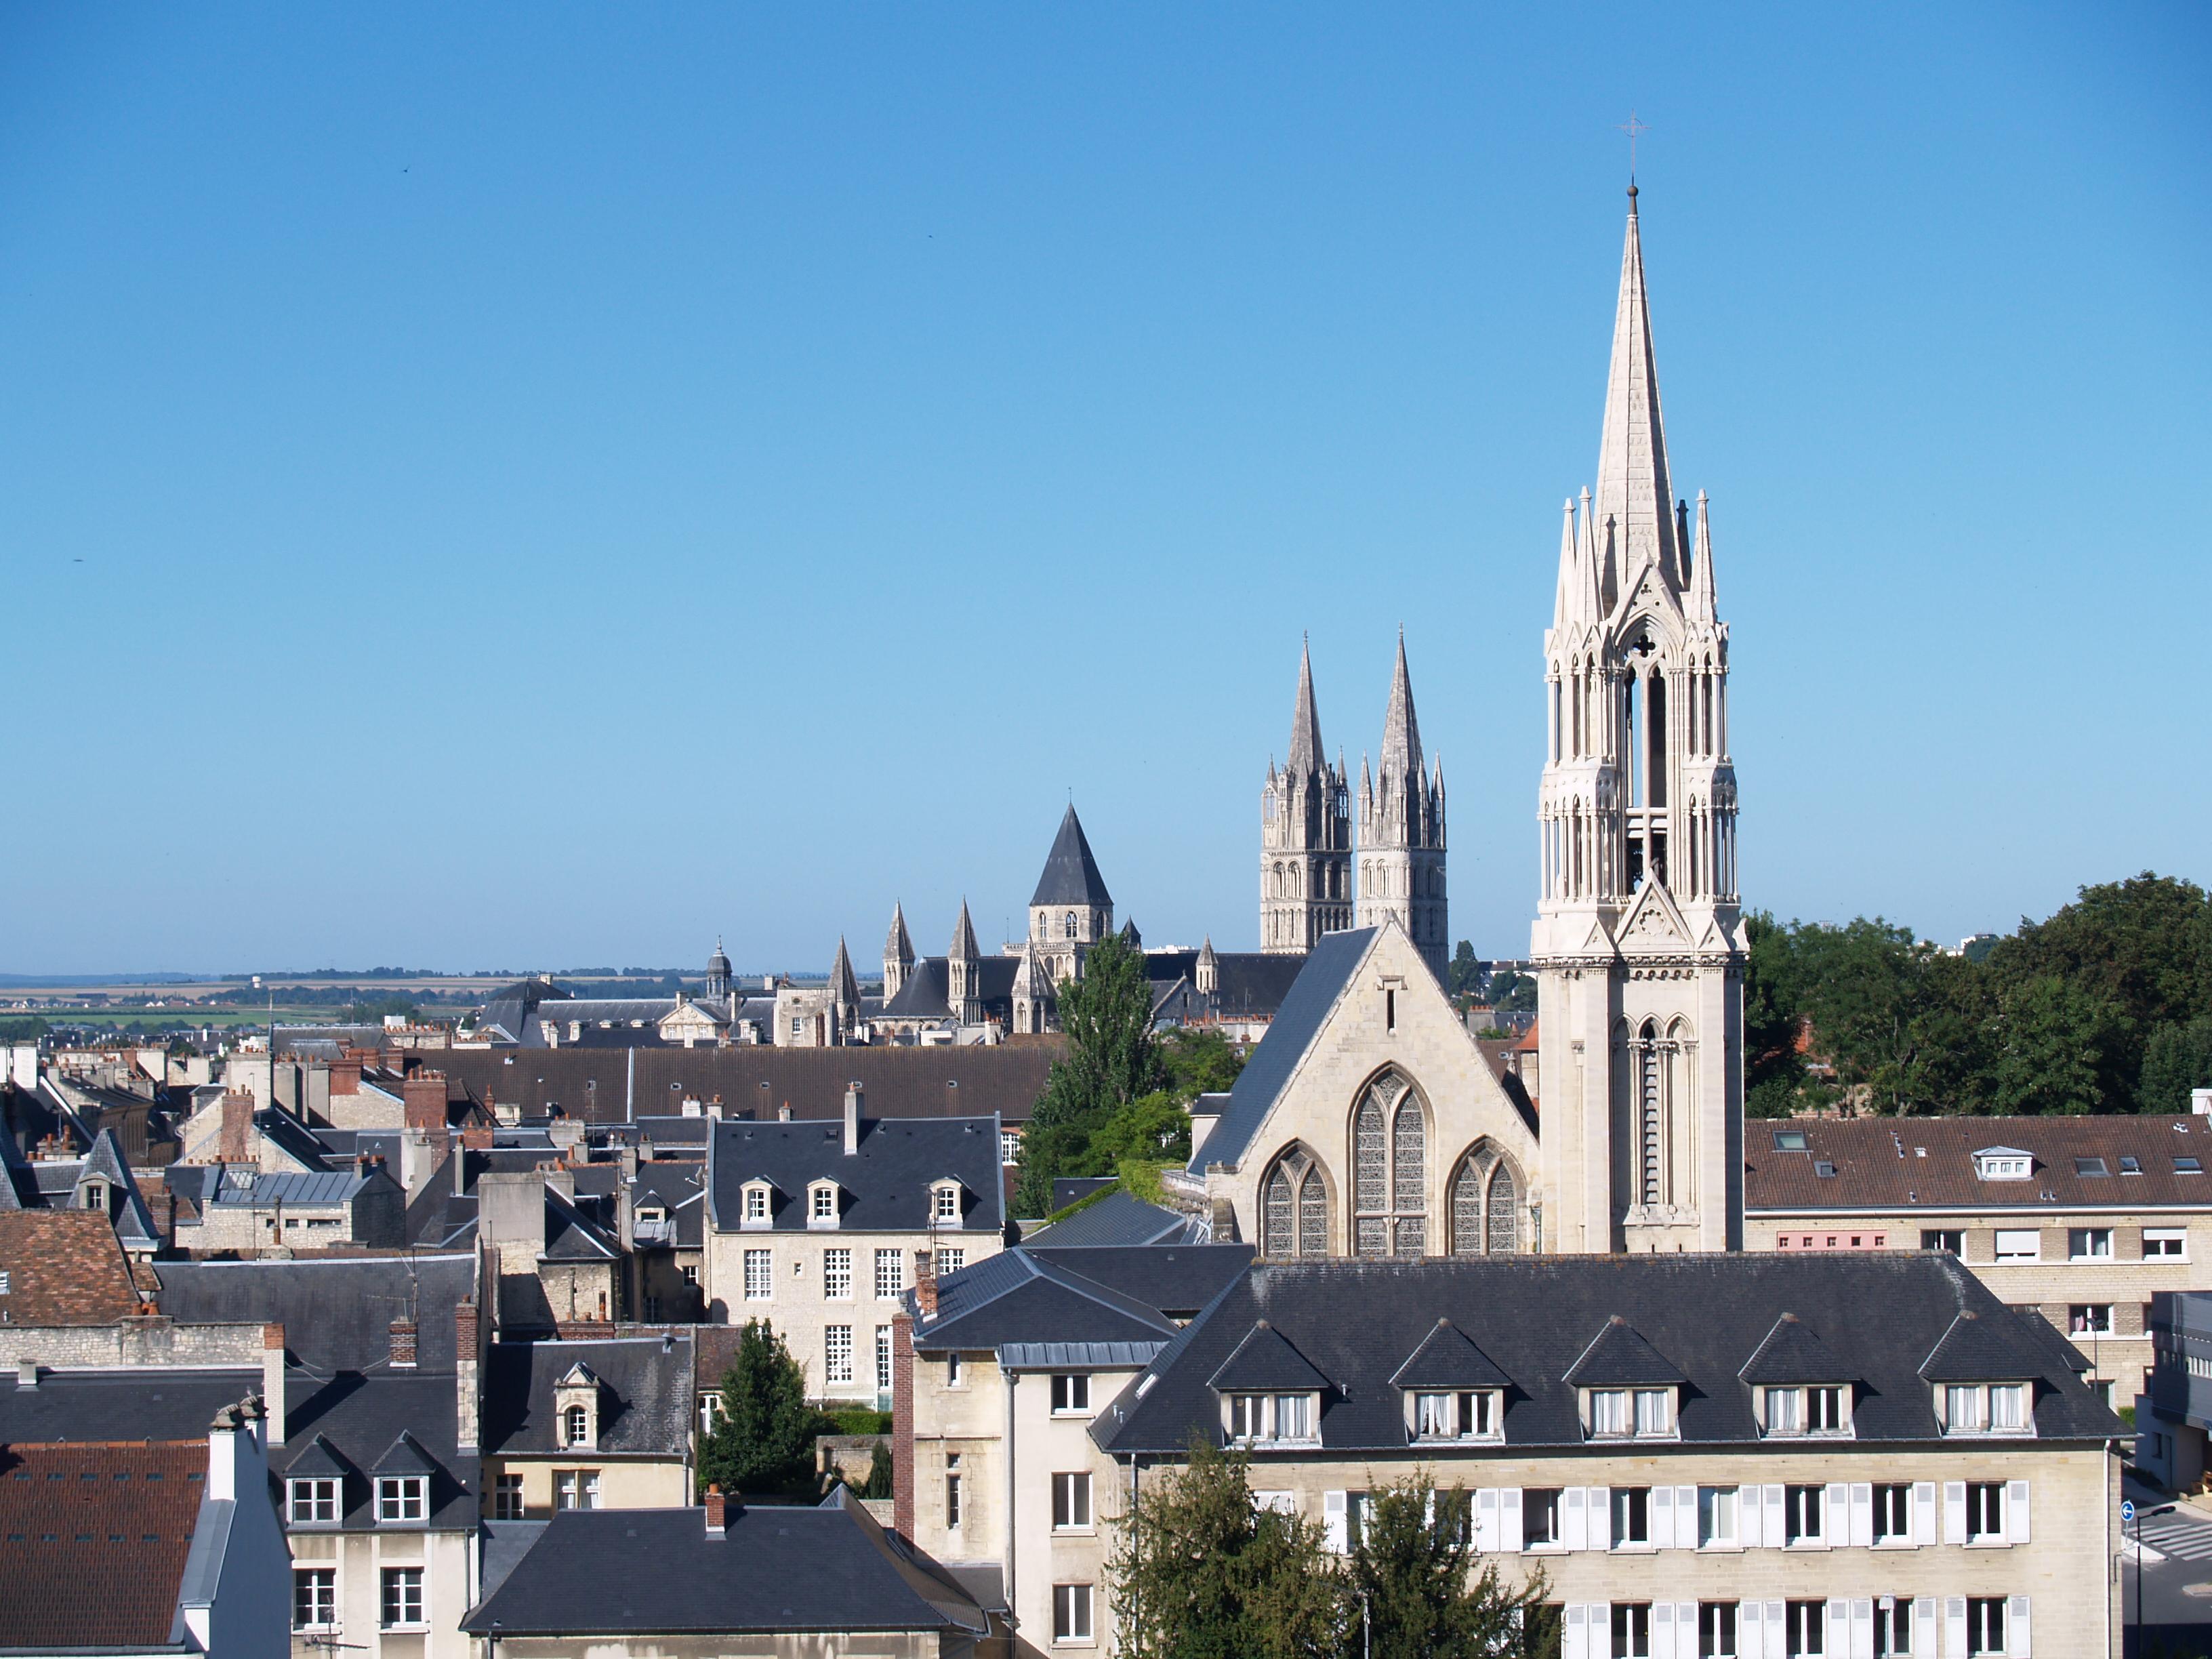 Cabinet D Architecte Caen caen - wikipedia